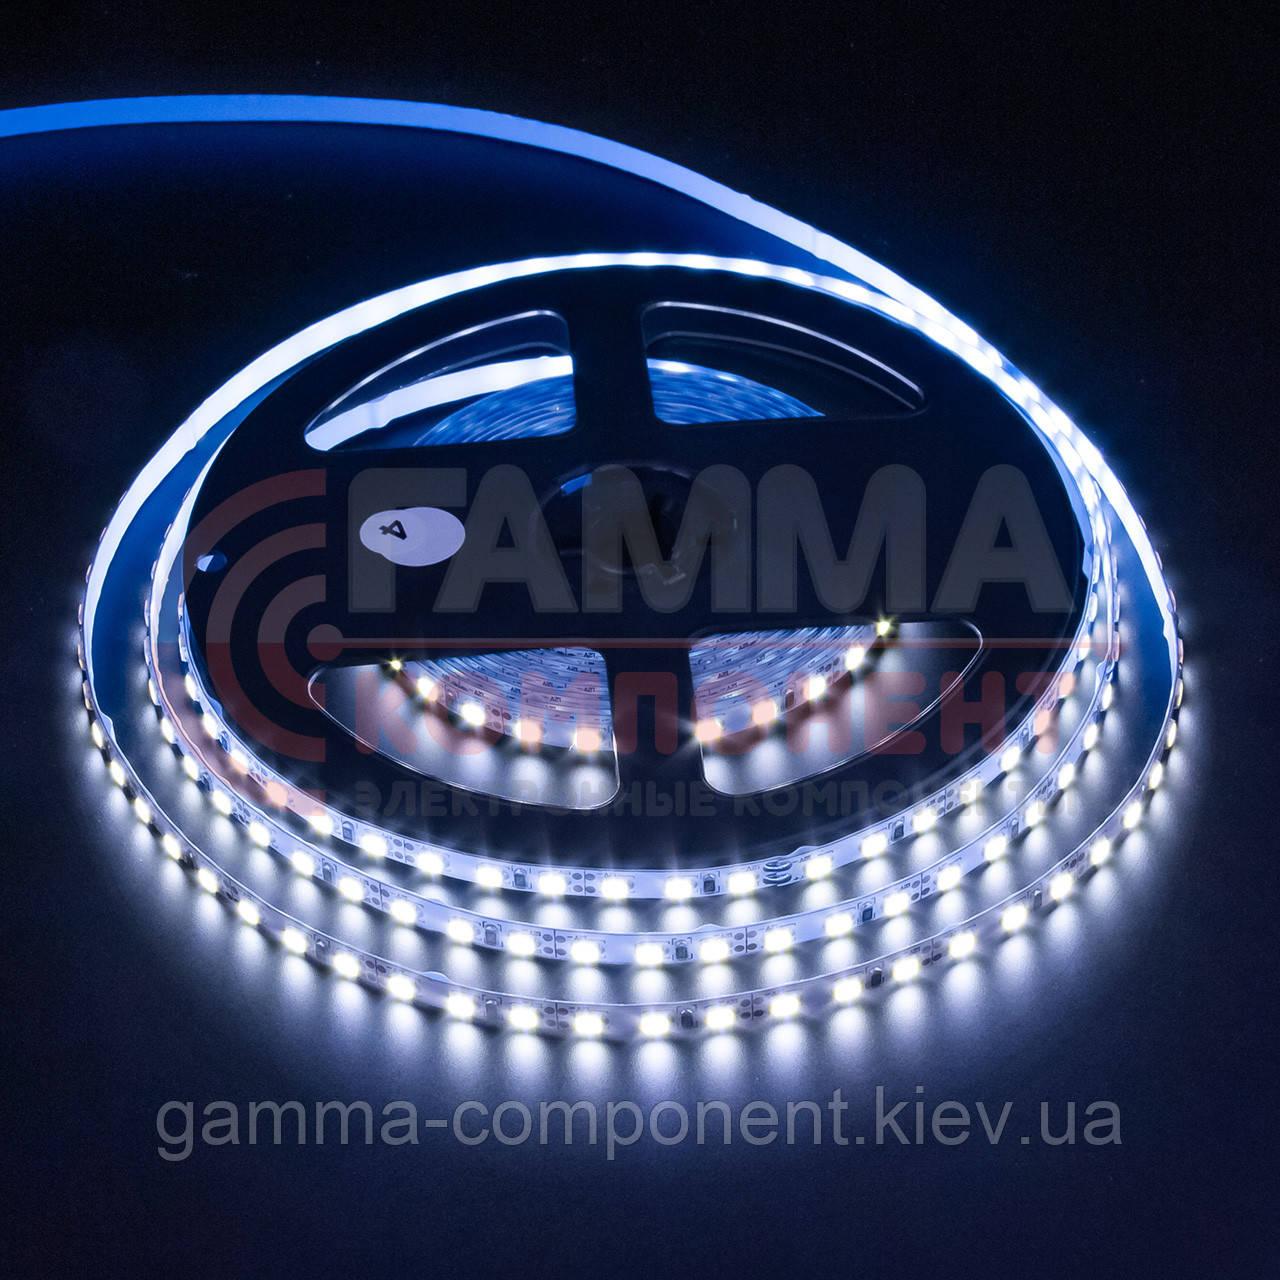 Светодиодная лента AVT PROFESSIONAL SMD 2835 (120 LED/м), холодный белый, IP20, 5мм, 12В - бобины от 5 метров